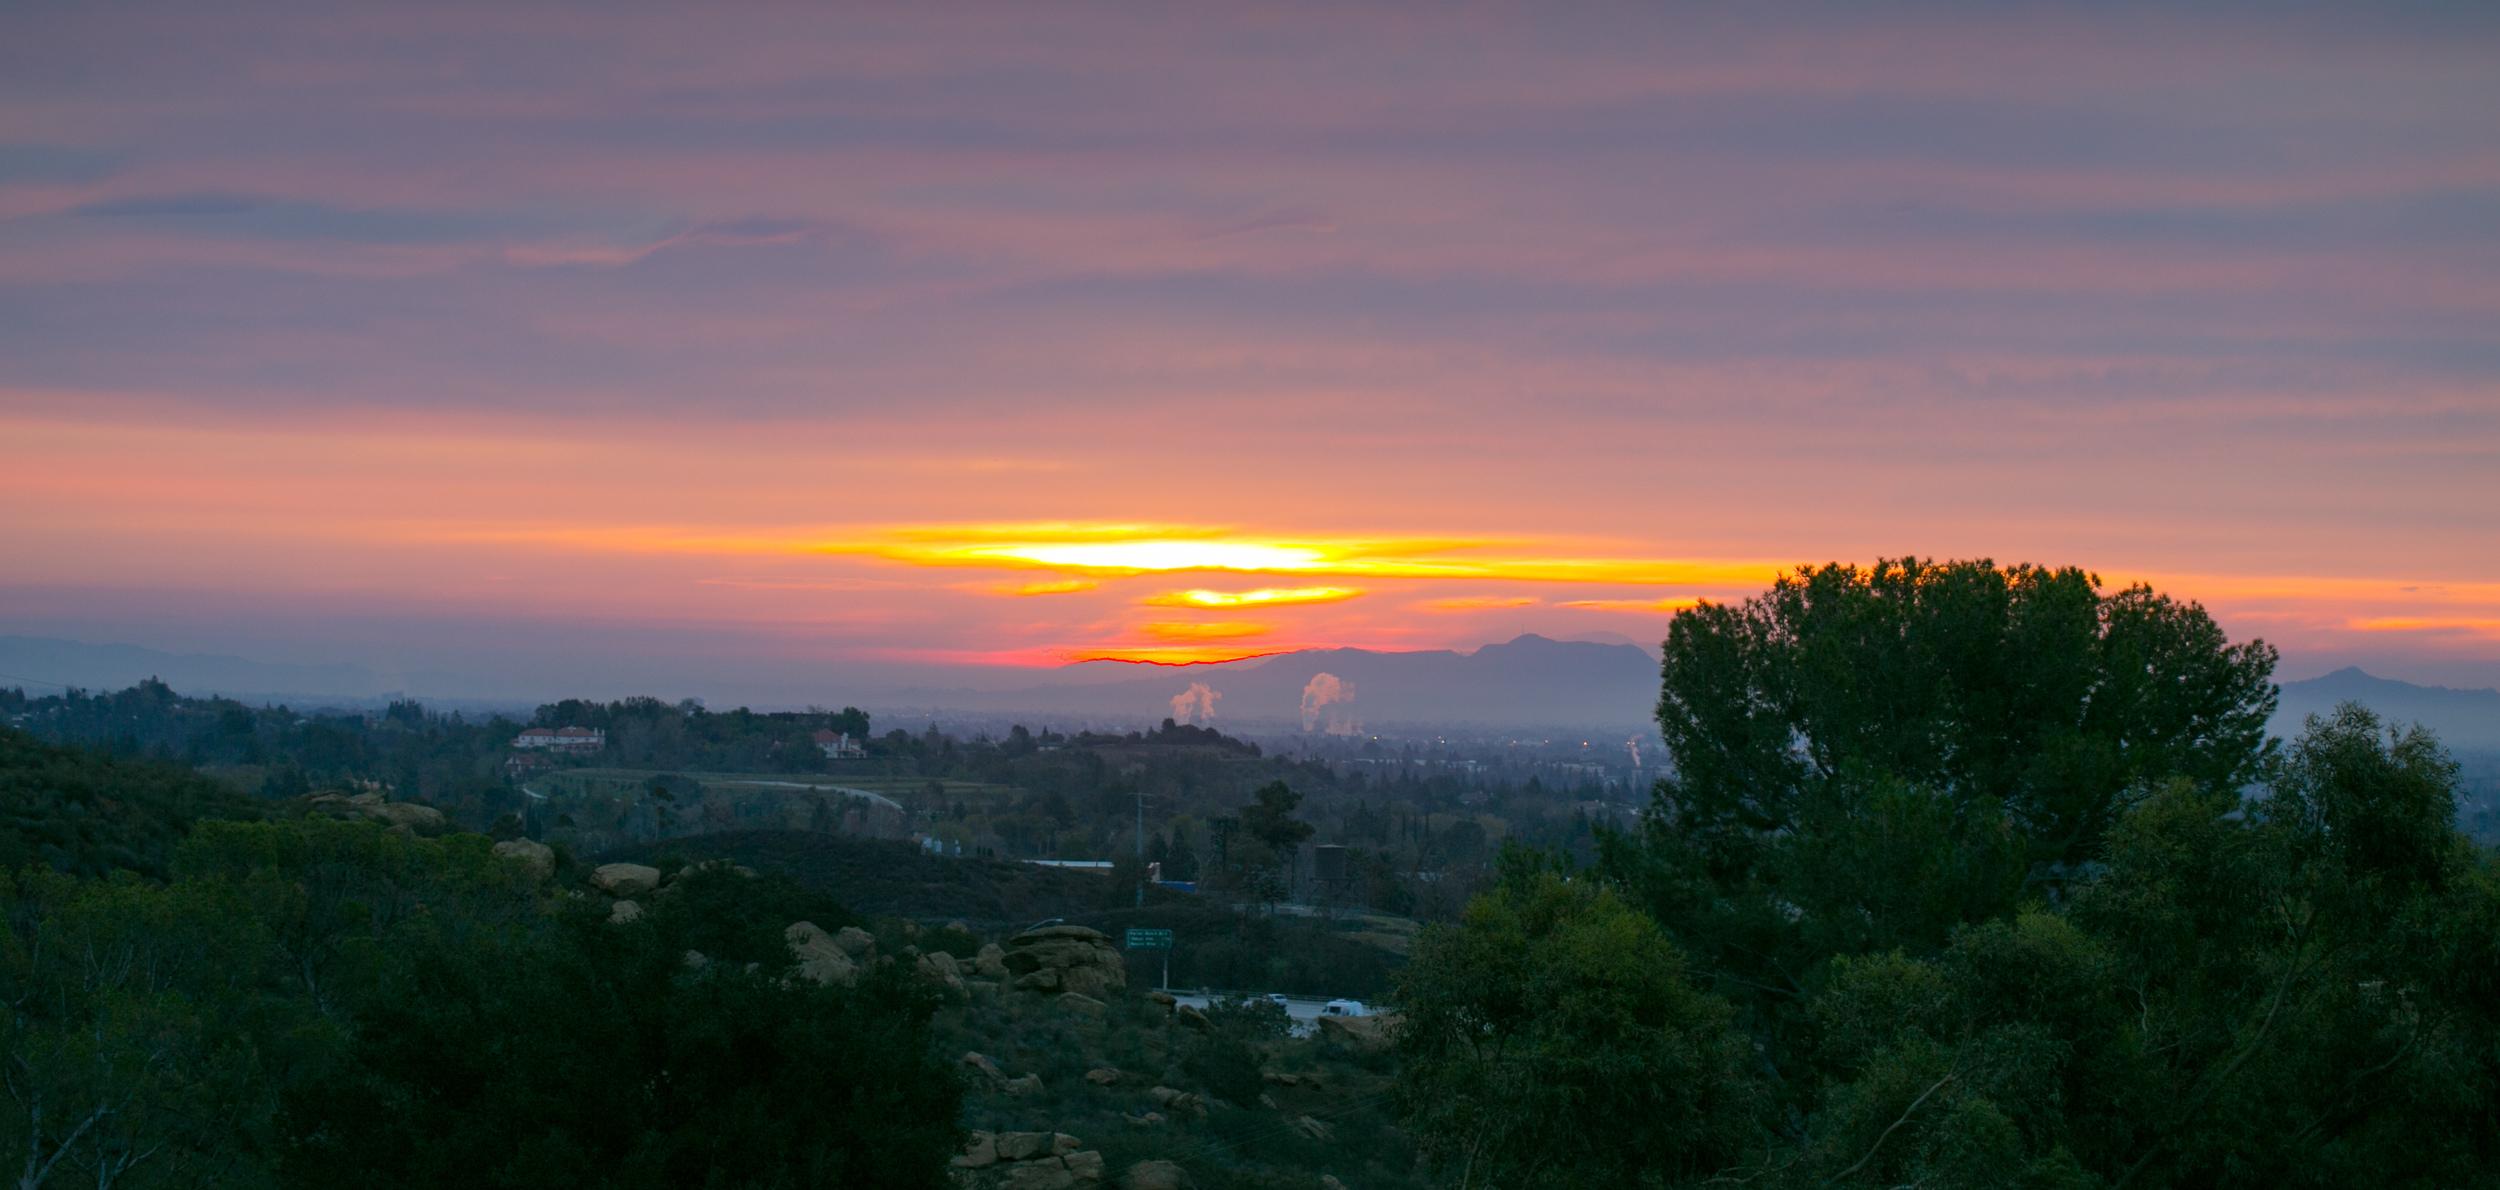 6.40 AM, Chatsworth, CA